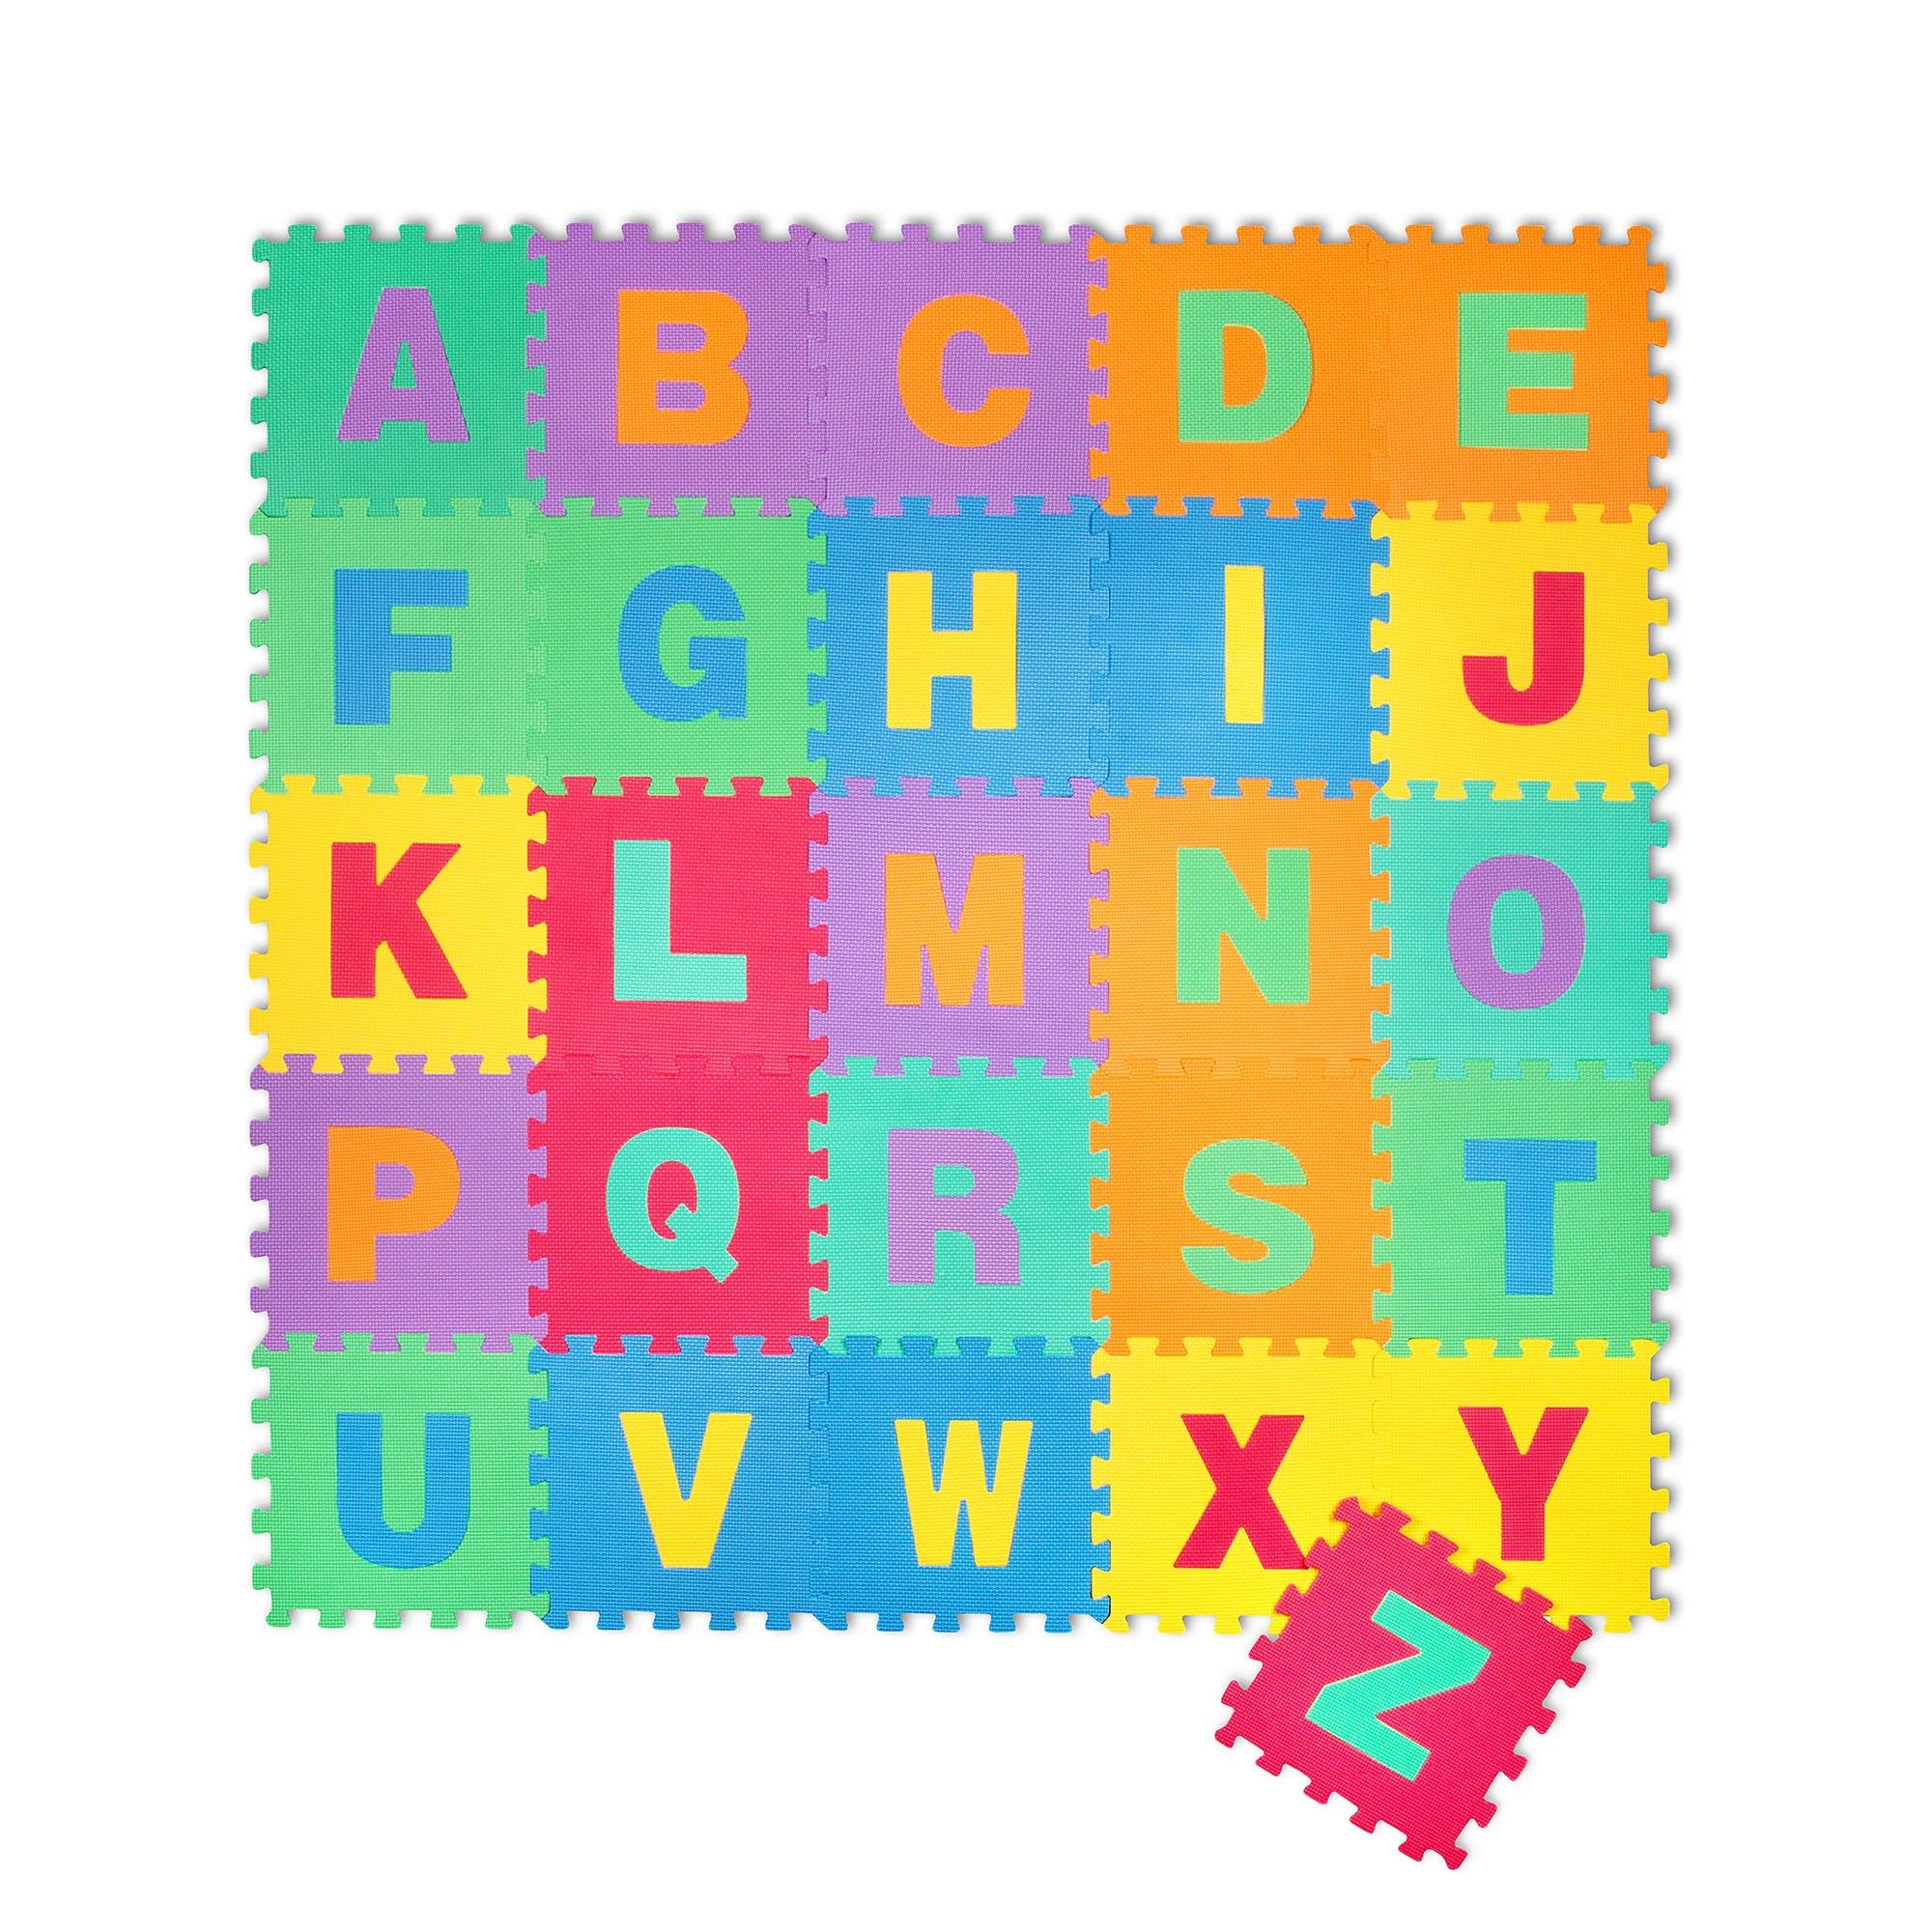 Puzzle Goma EVA de 26 Piezas   Alfombra Infantil Puzzle de Letras   Alfombra puzle (26 Piezas)   Alfombra Goma para bebé   Alfombra bebé   Alfombra Puzzle de Letras (Letras): Amazon.es: Juguetes y juegos